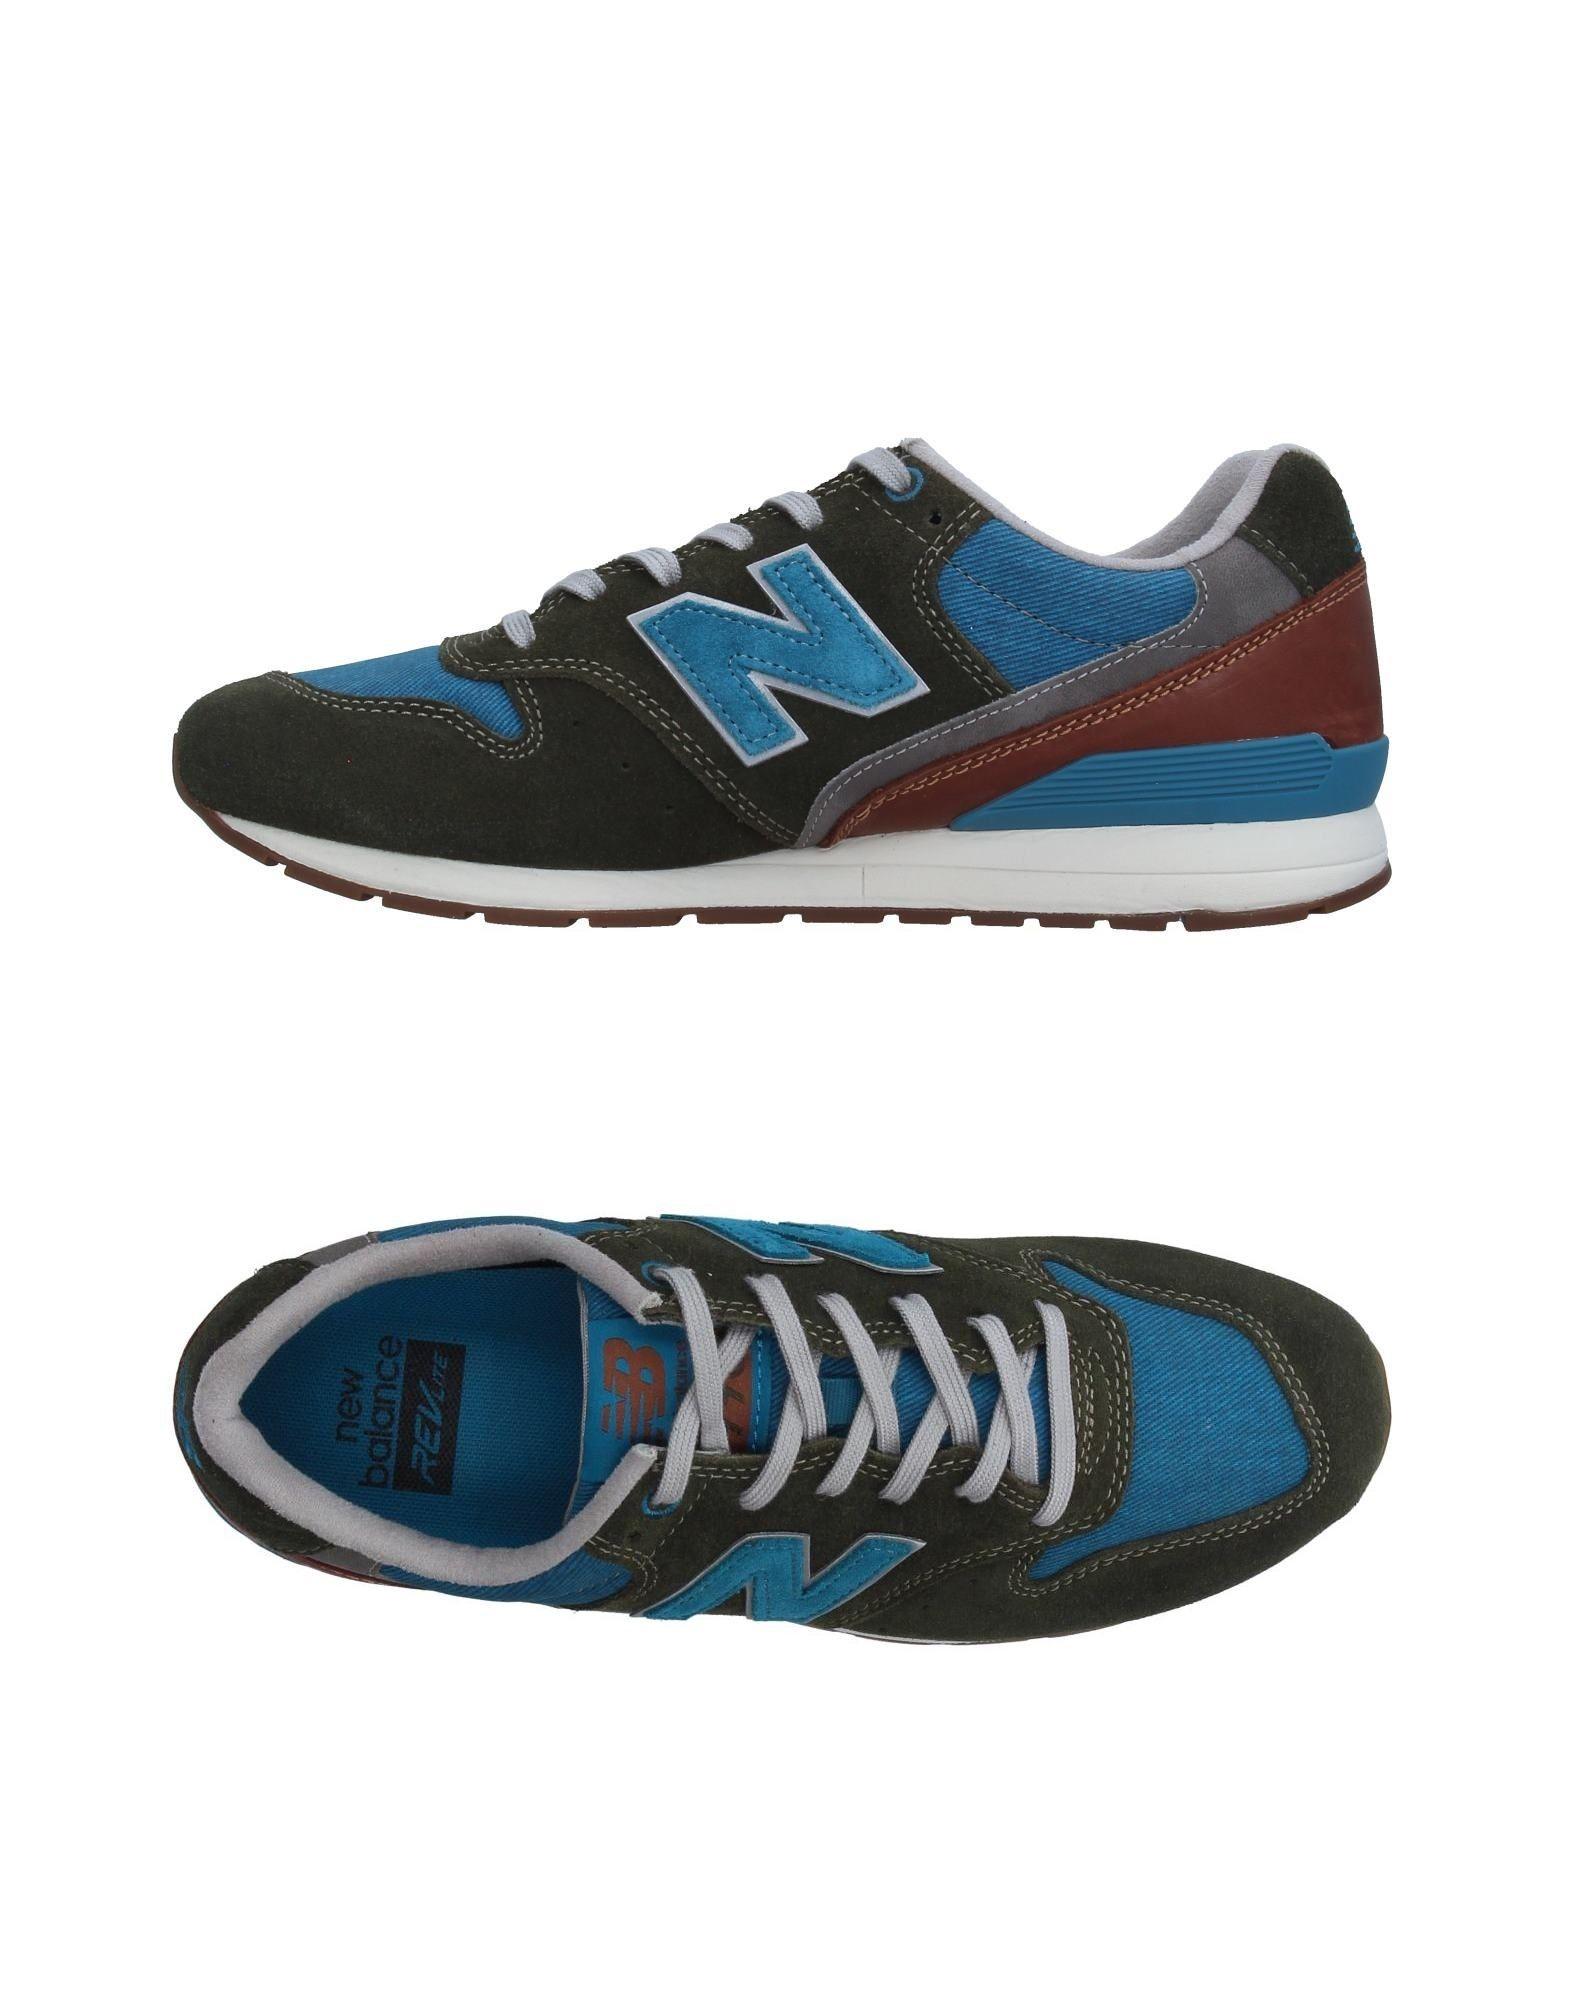 Sneakers New Balance Homme - Sneakers New Balance  Gris Nouvelles chaussures pour hommes et femmes, remise limitée dans le temps